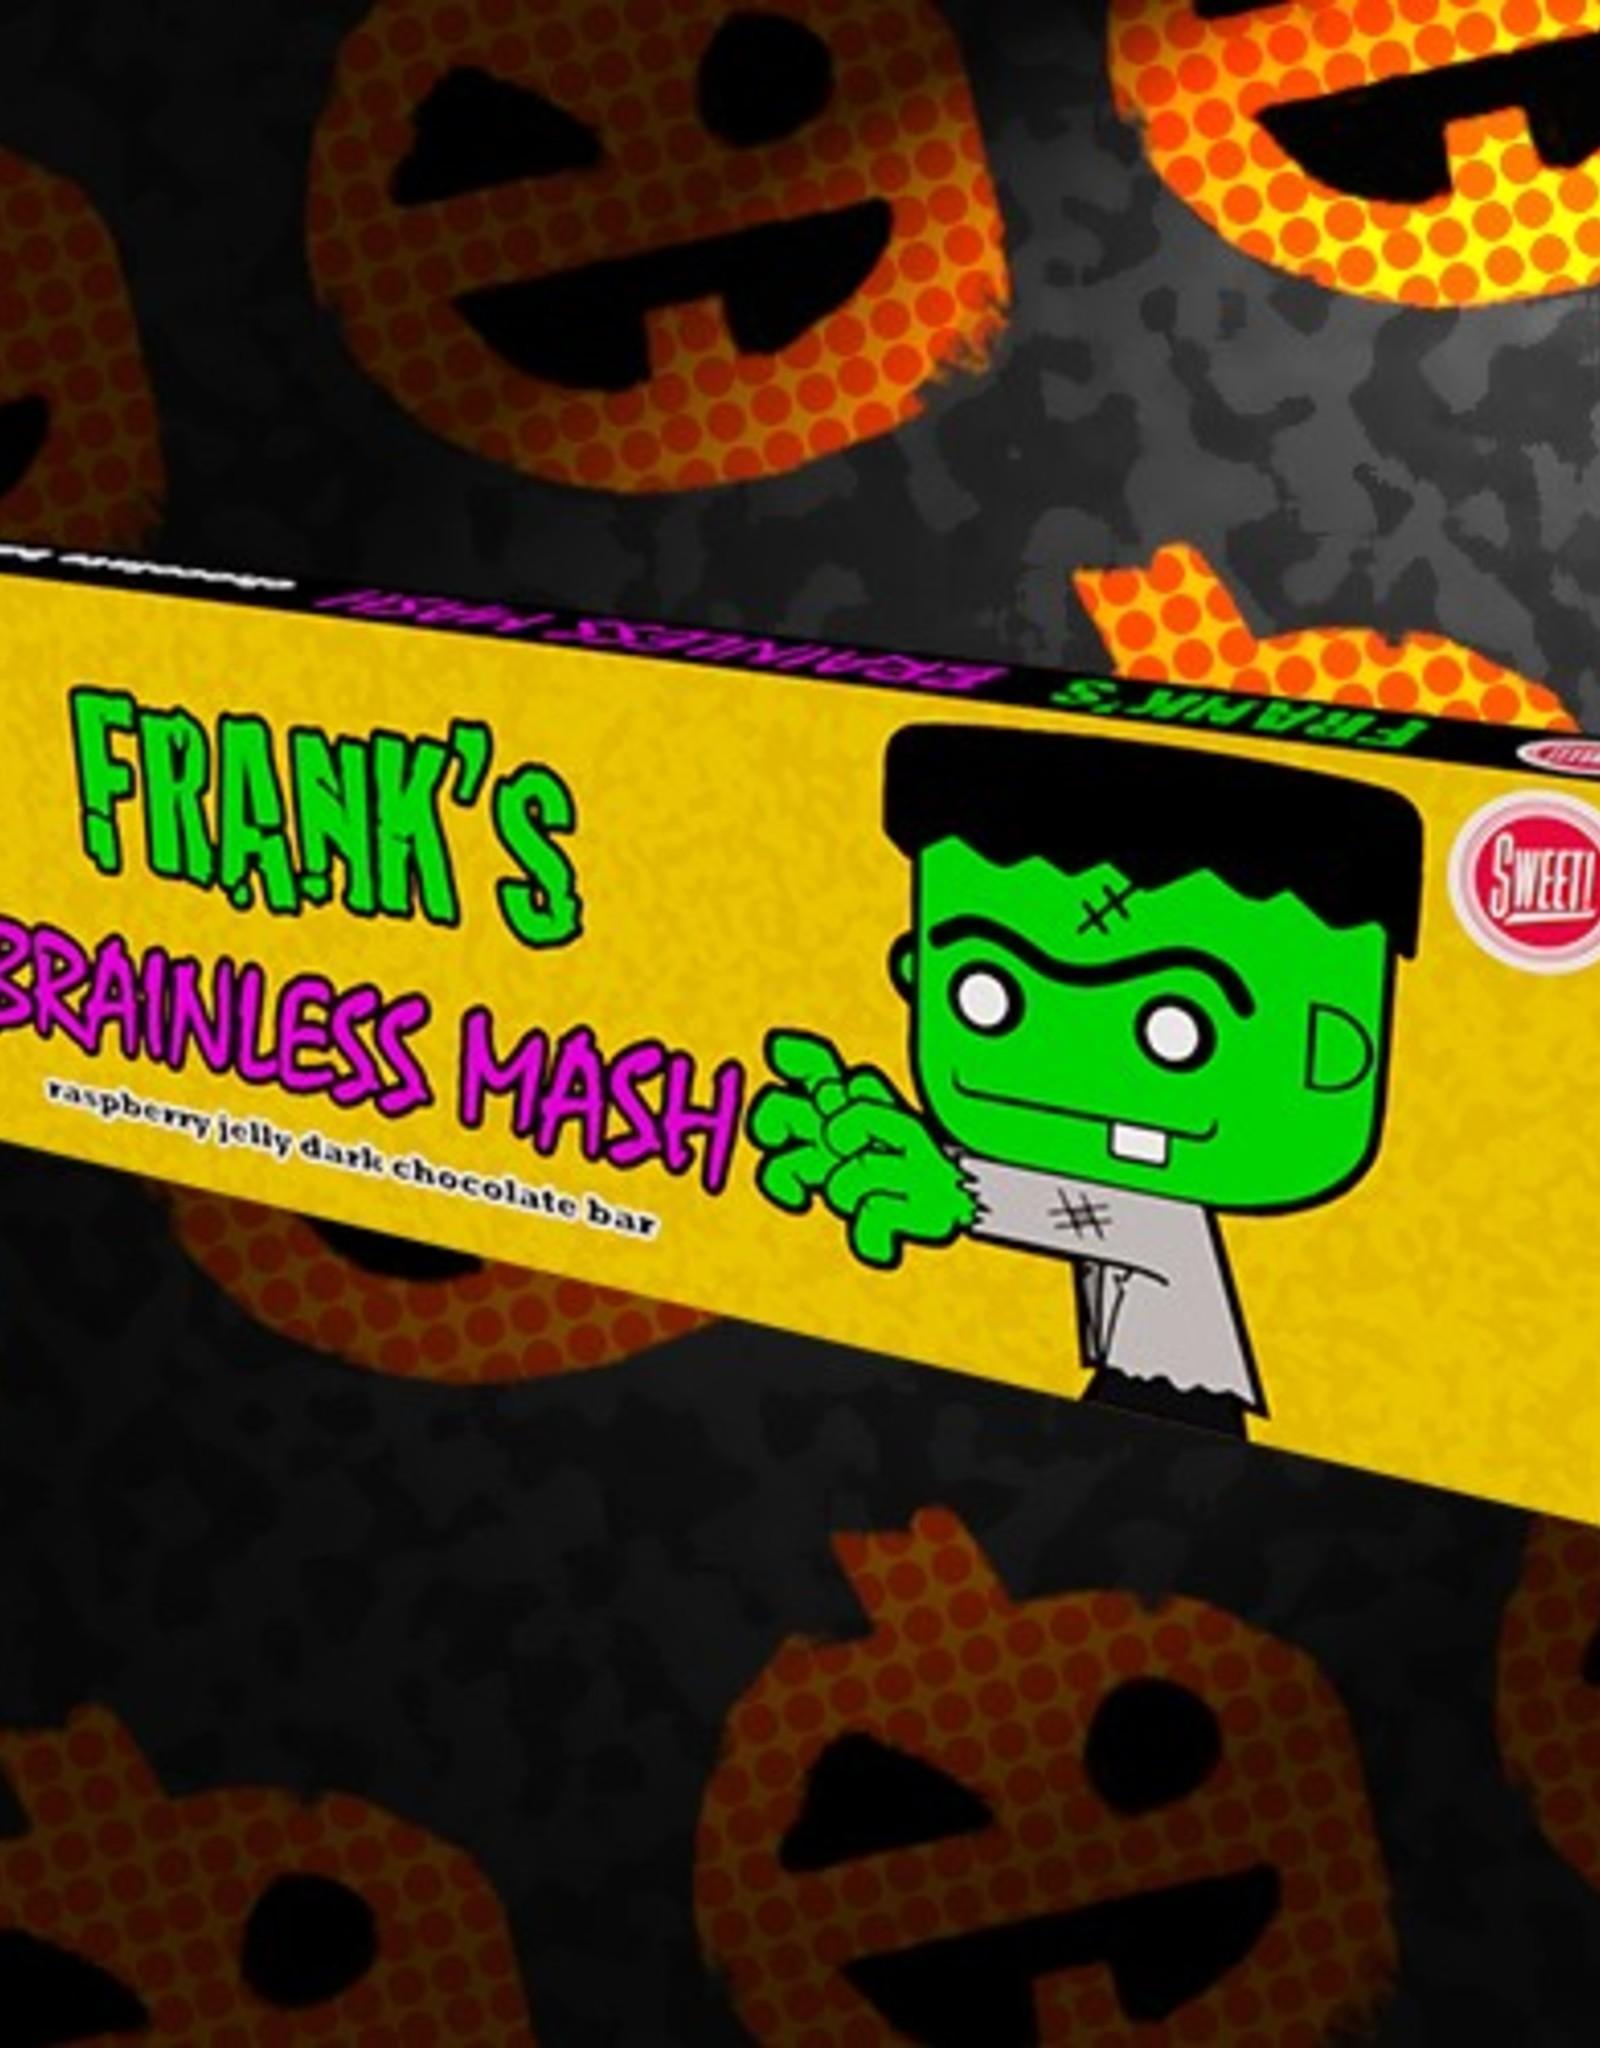 Frank's Brainless Mash Bar